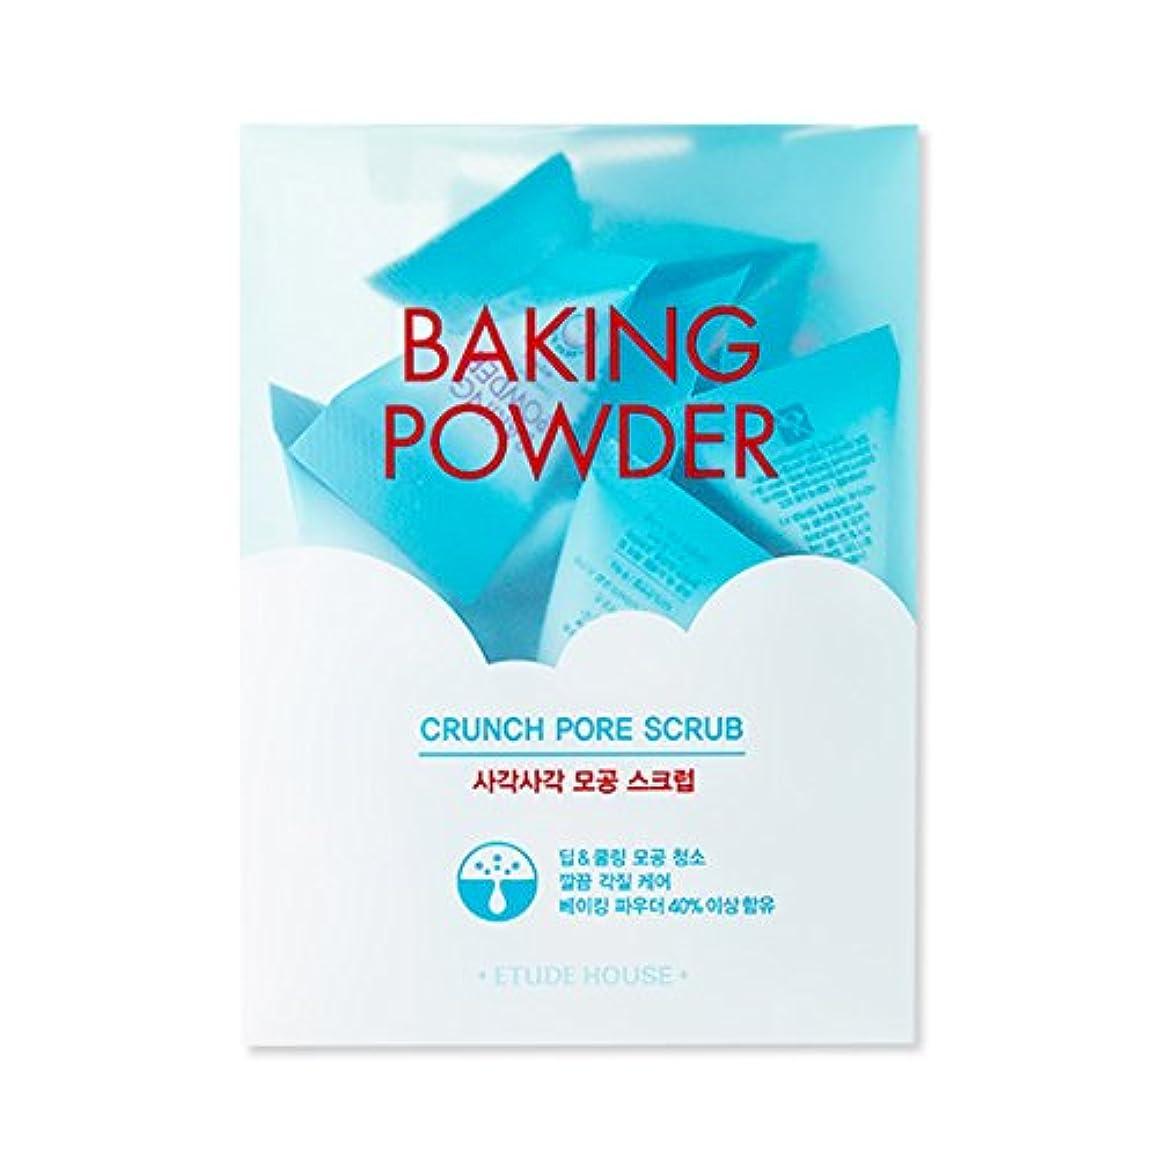 クラックポットキロメートルページ[2016 Upgrade!] ETUDE HOUSE Baking Powder Crunch Pore Scrub 7g×24ea/エチュードハウス ベーキング パウダー クランチ ポア スクラブ 7g×24ea [...